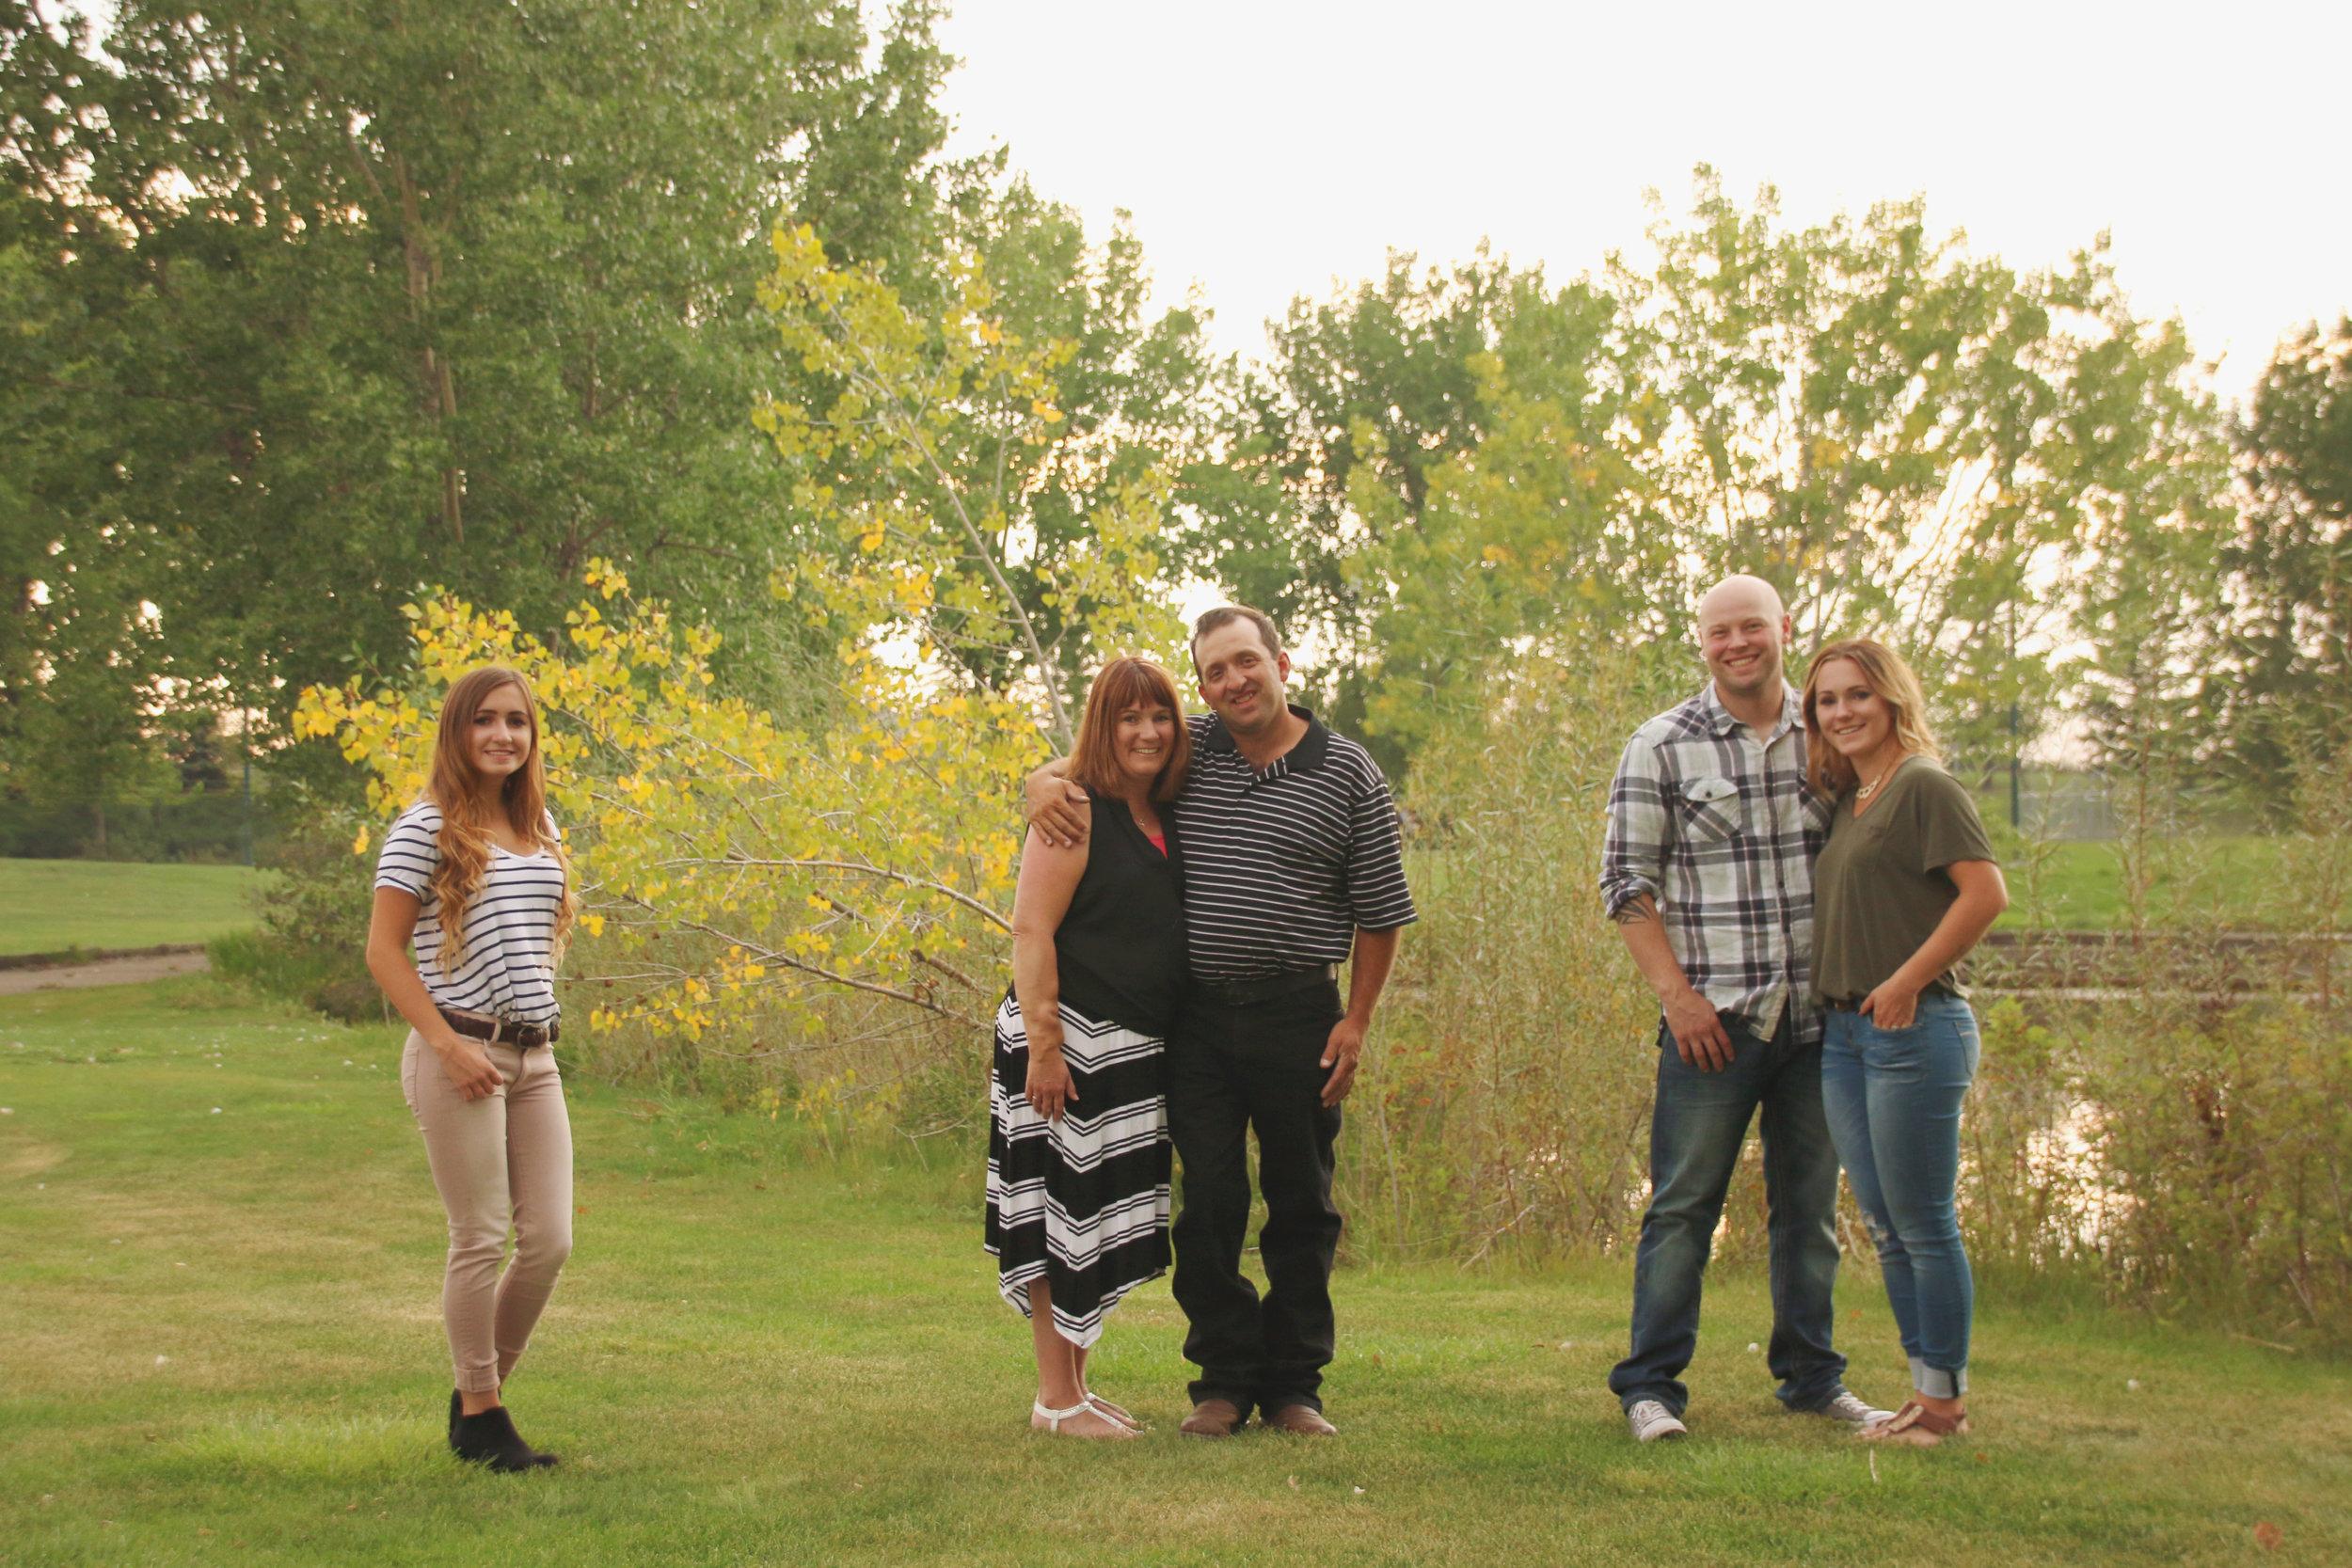 Chrapko_Family26.jpg